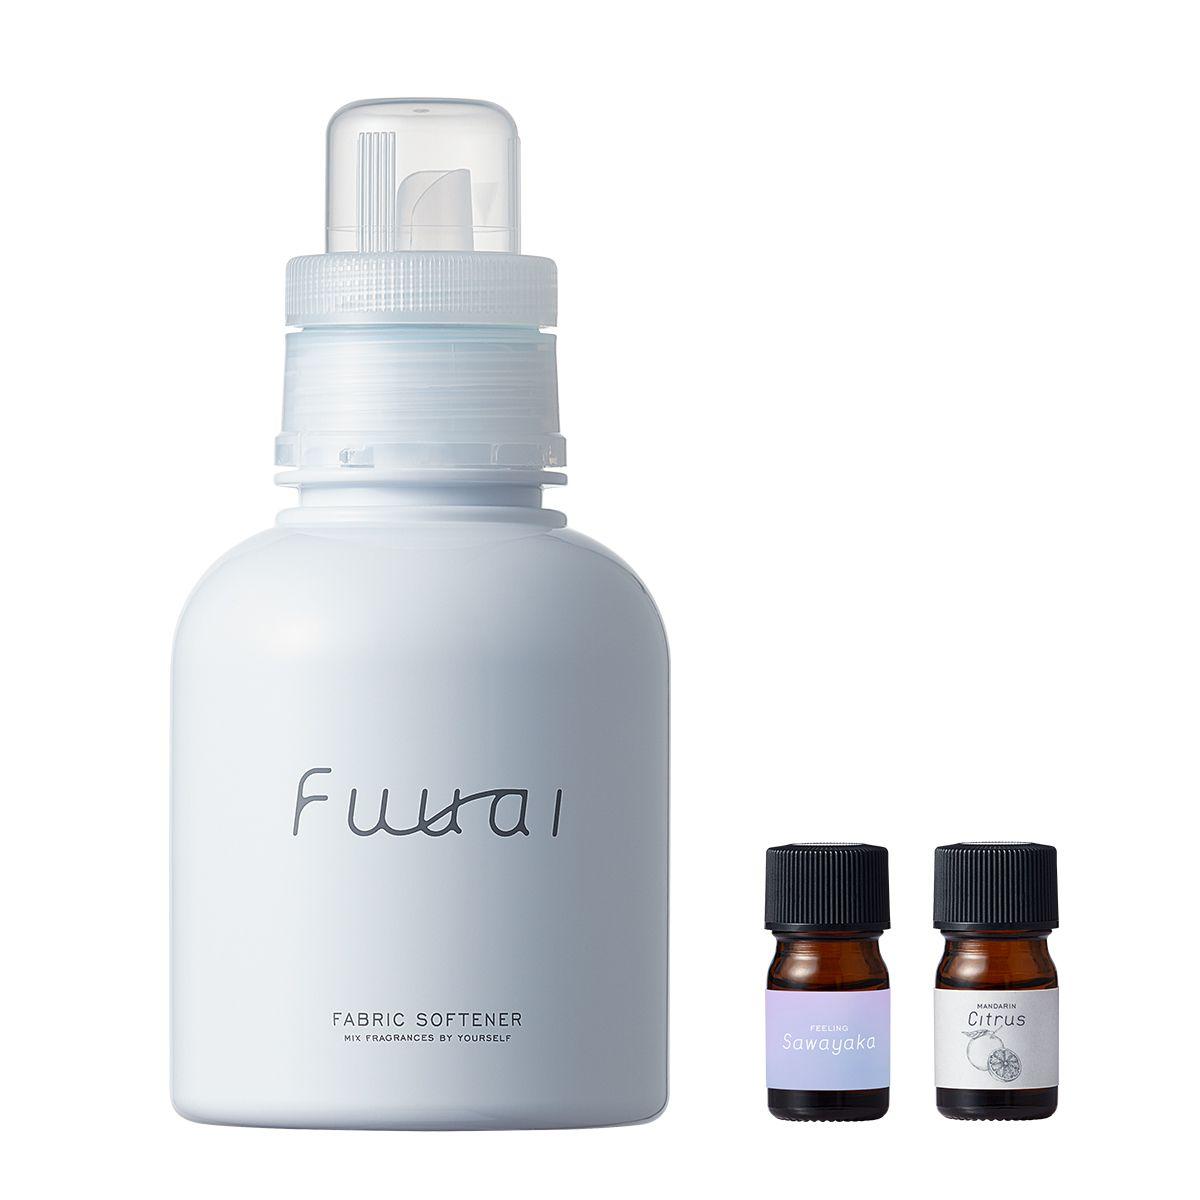 Fuuaiの自分だけの香りを手づくりできる柔軟剤 Sawayaka×Citrus 400ml/4mlに関する画像 1